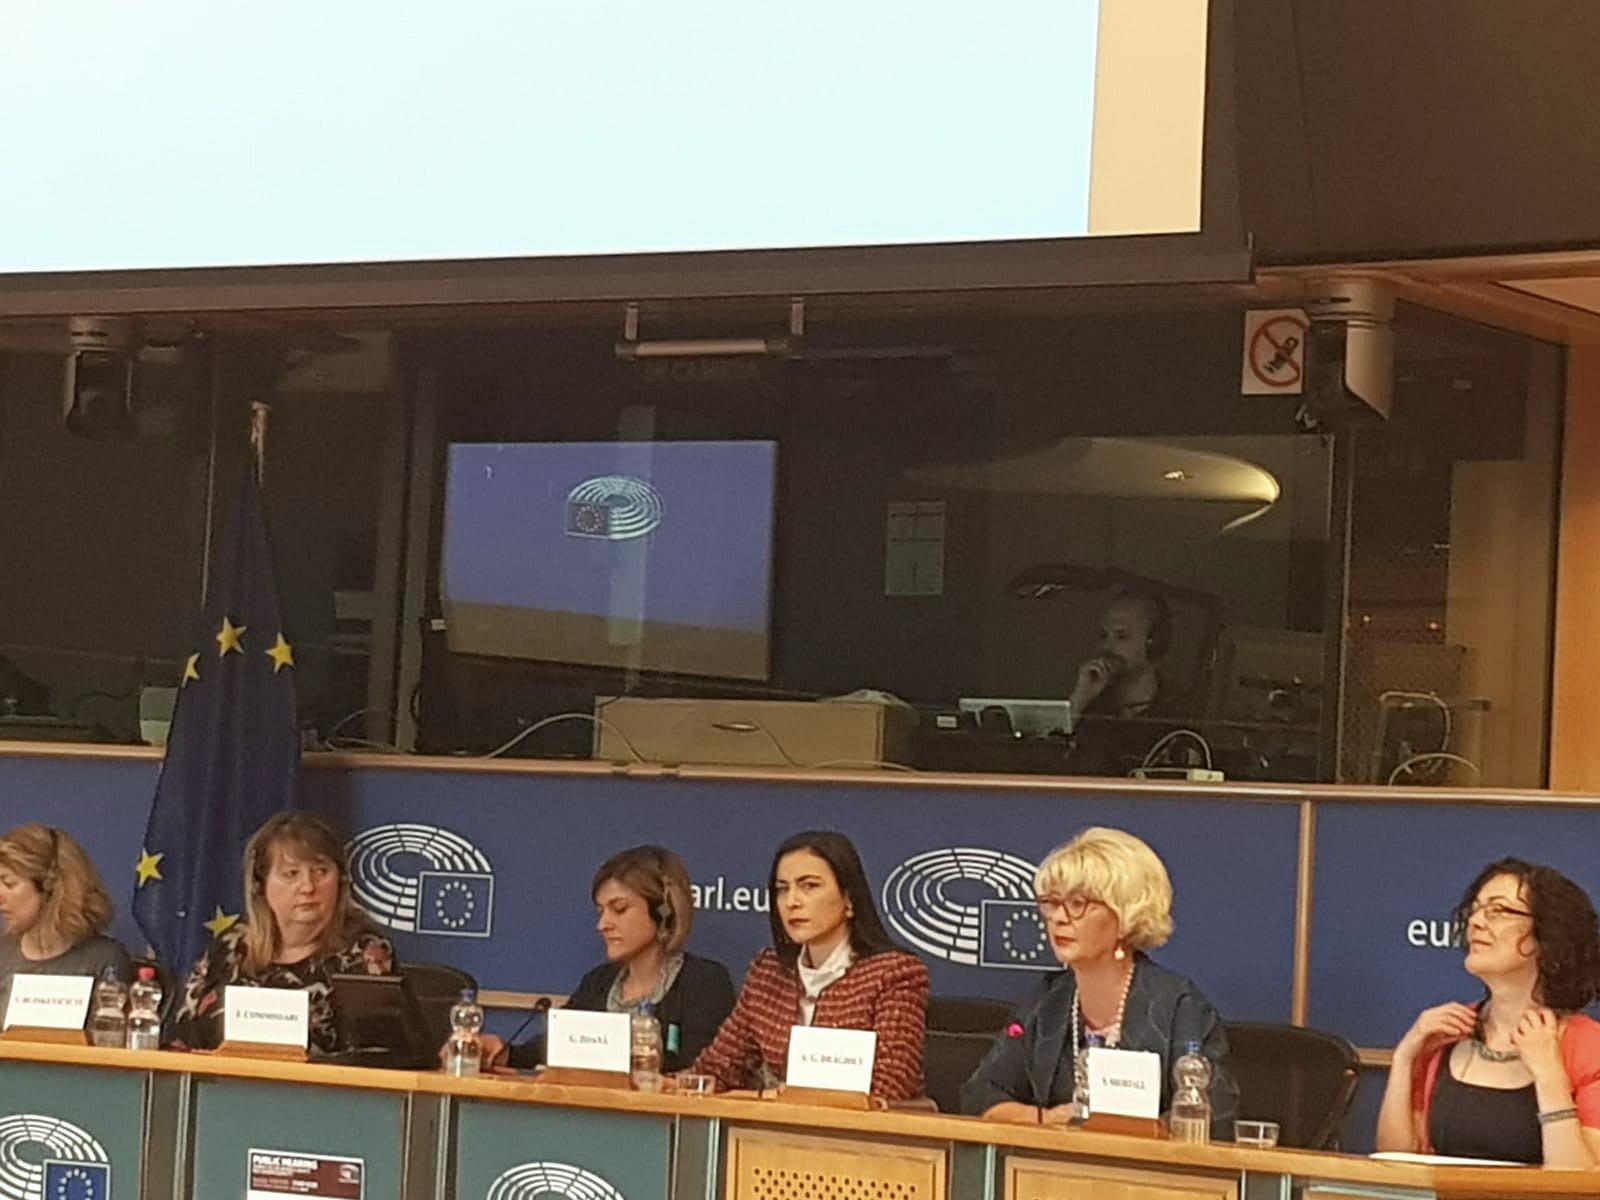 """Pe data de 15 mai, secretarul de stat al ANES, Grațiela Drăghici, a participat în calitate de speaker la audierile comisiilor reunite FEMM și LIBE ale Parlamentului European pe tema: """"Situația femeilor migrante lucrătoare în agricultură și în fermele din UE""""."""